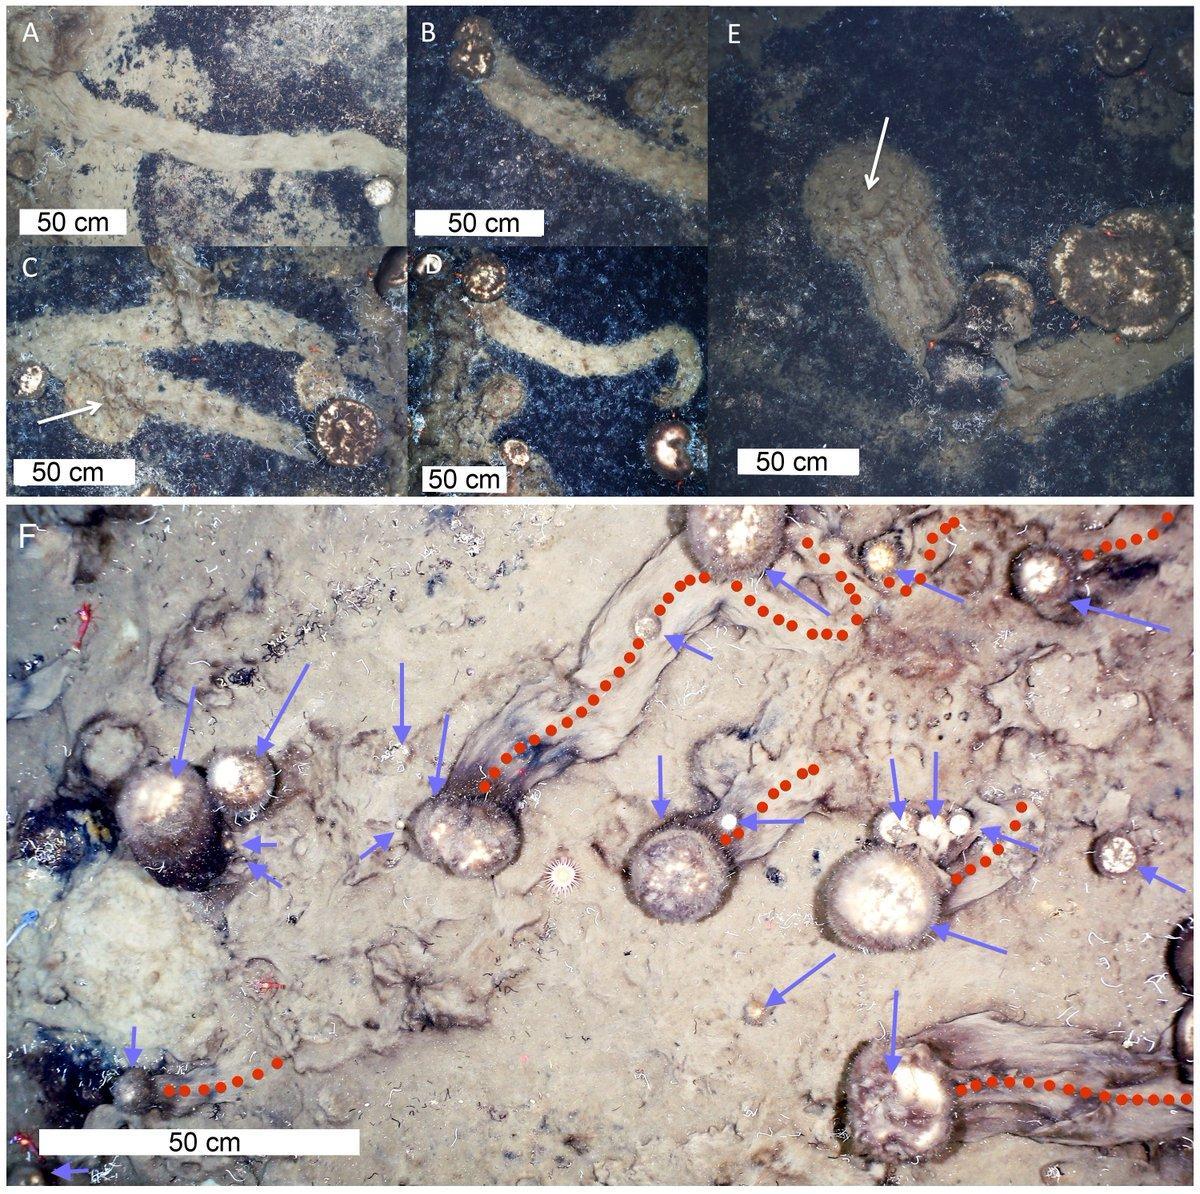 Биологи застали губок за передвижением по дну океана